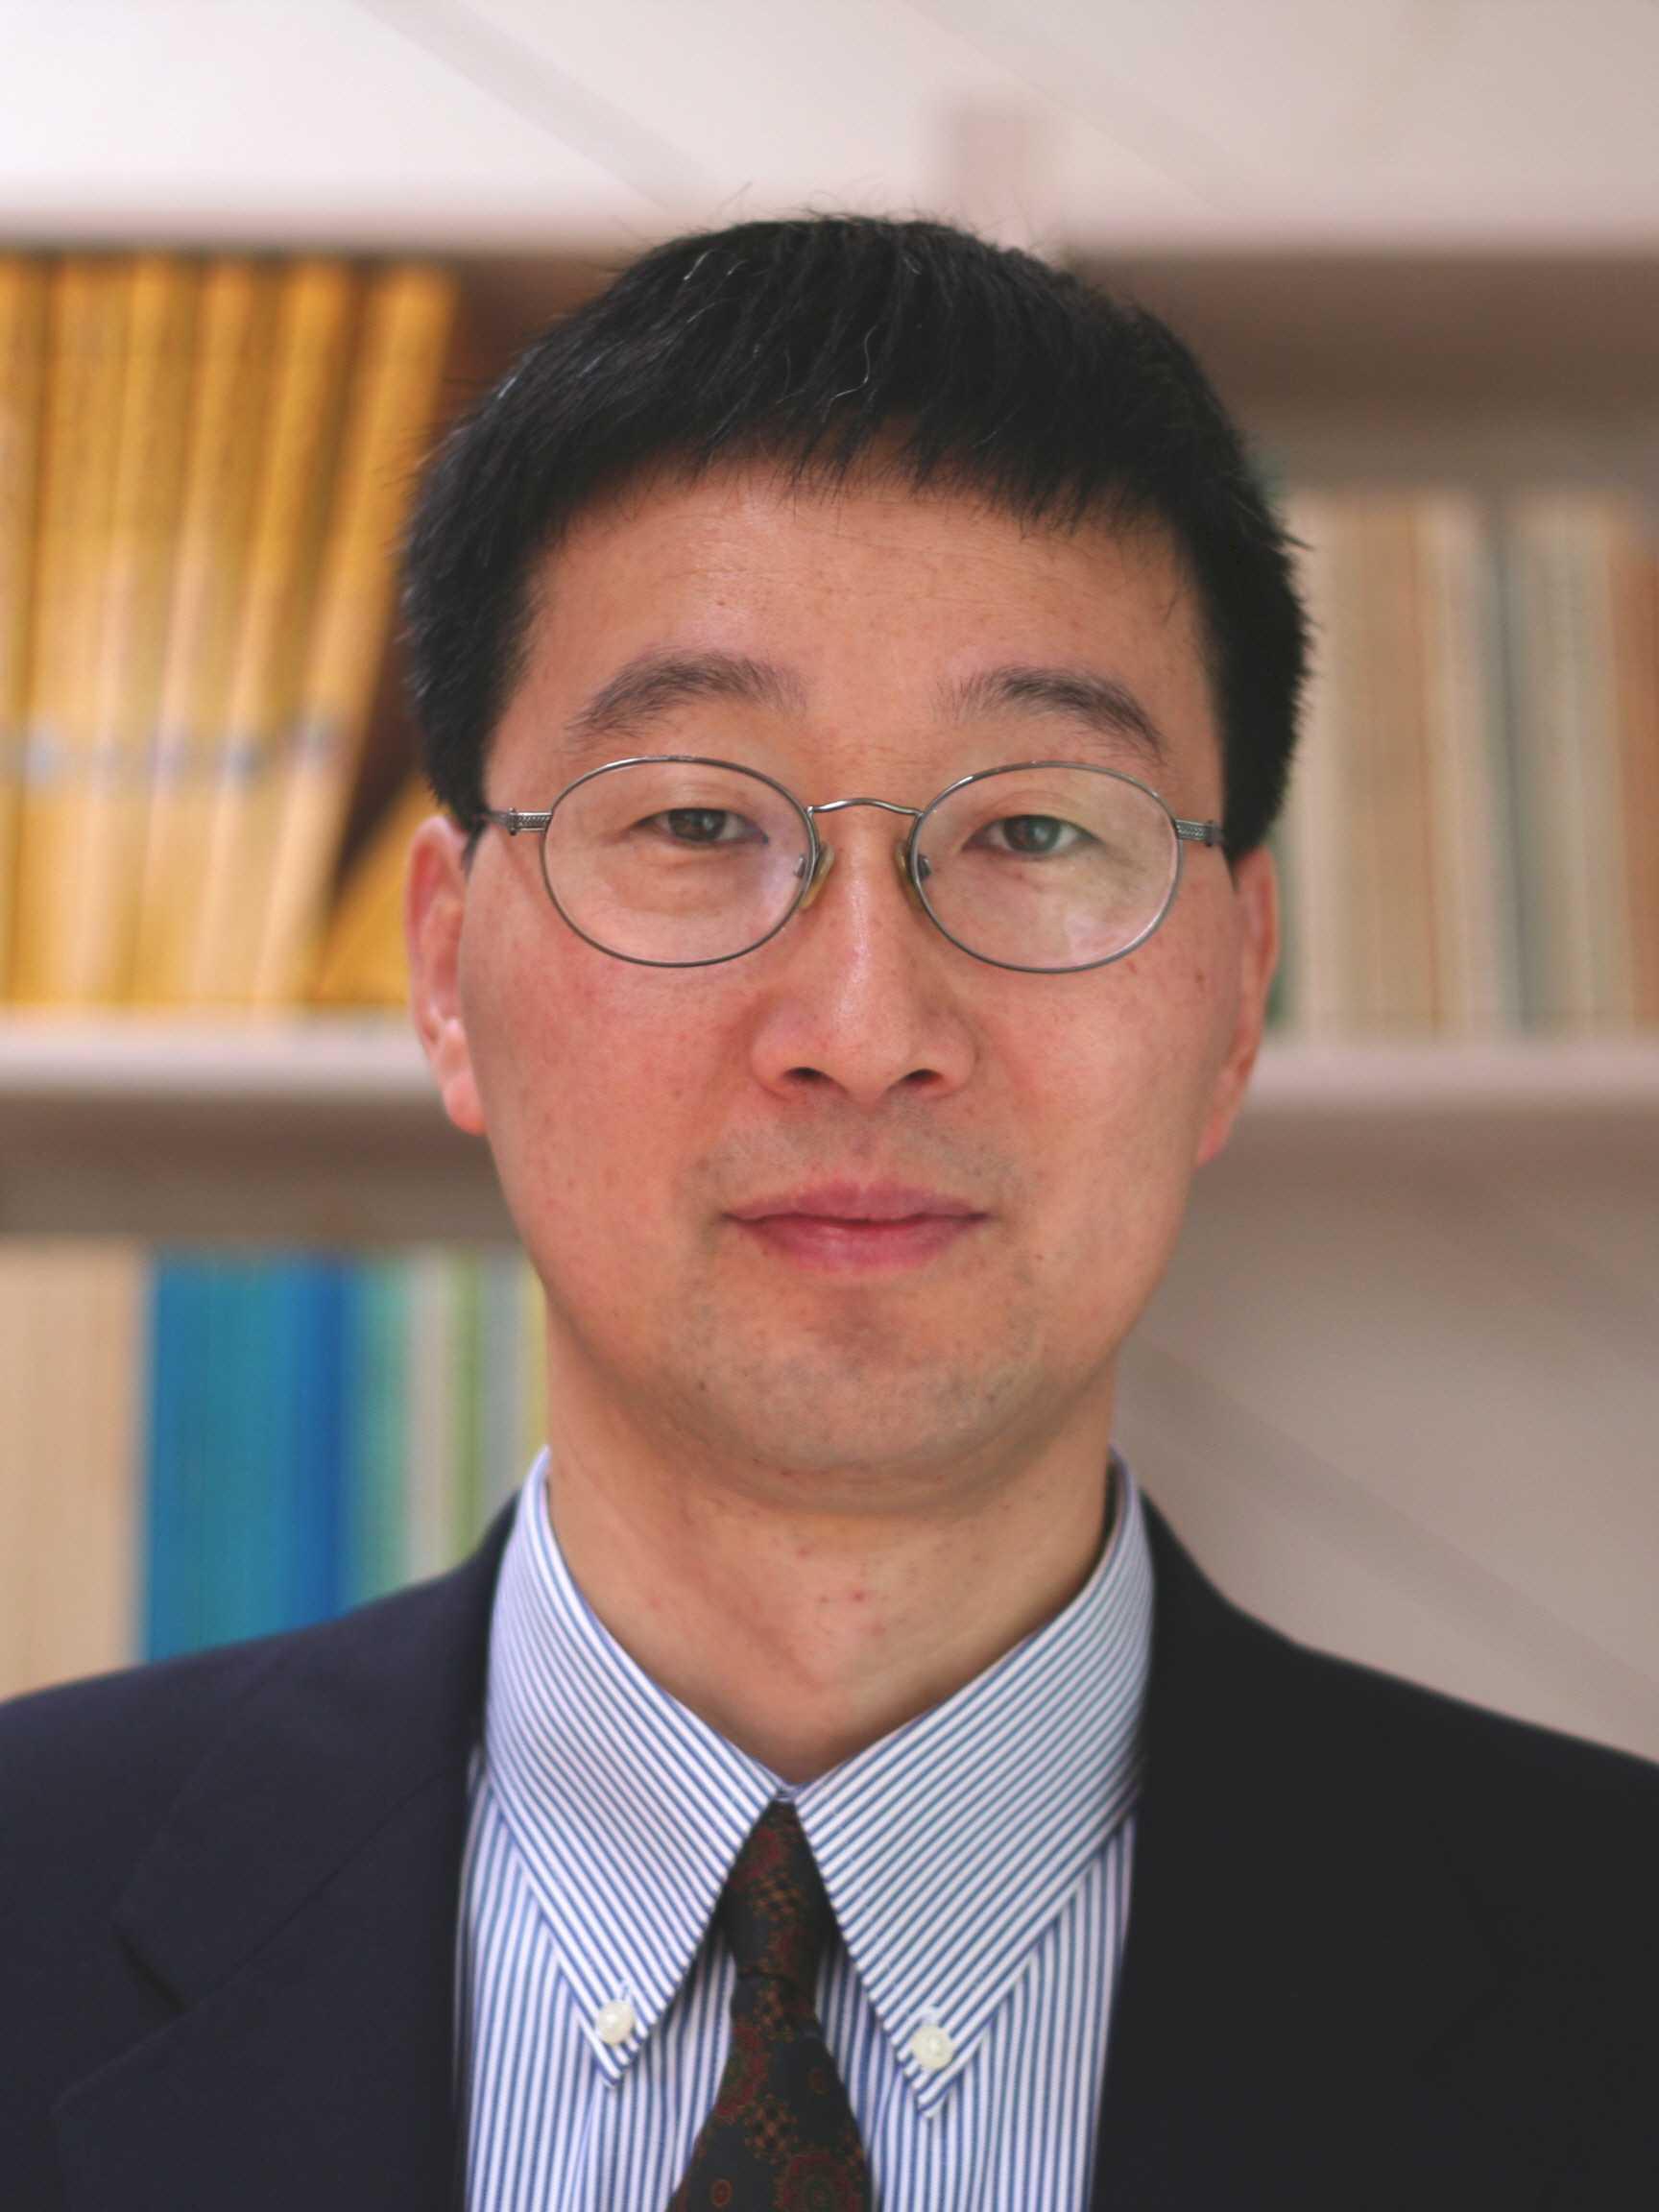 2018中国经济学奖揭晓 王江、熊伟获奖